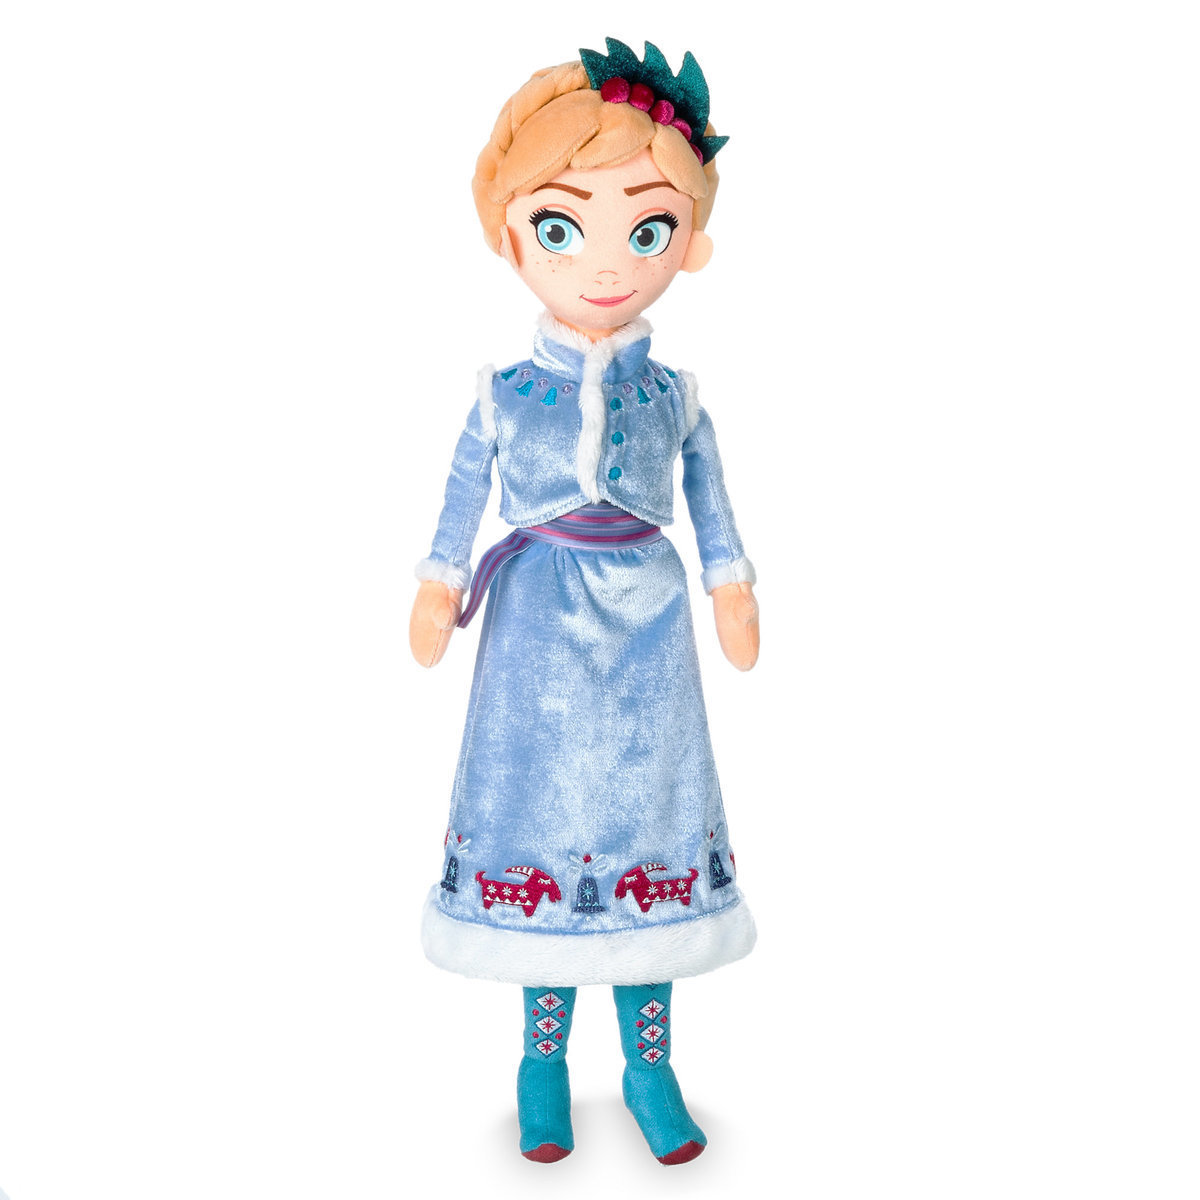 Мягкая игрушка Анна Олаф и холодное приключение 48 см